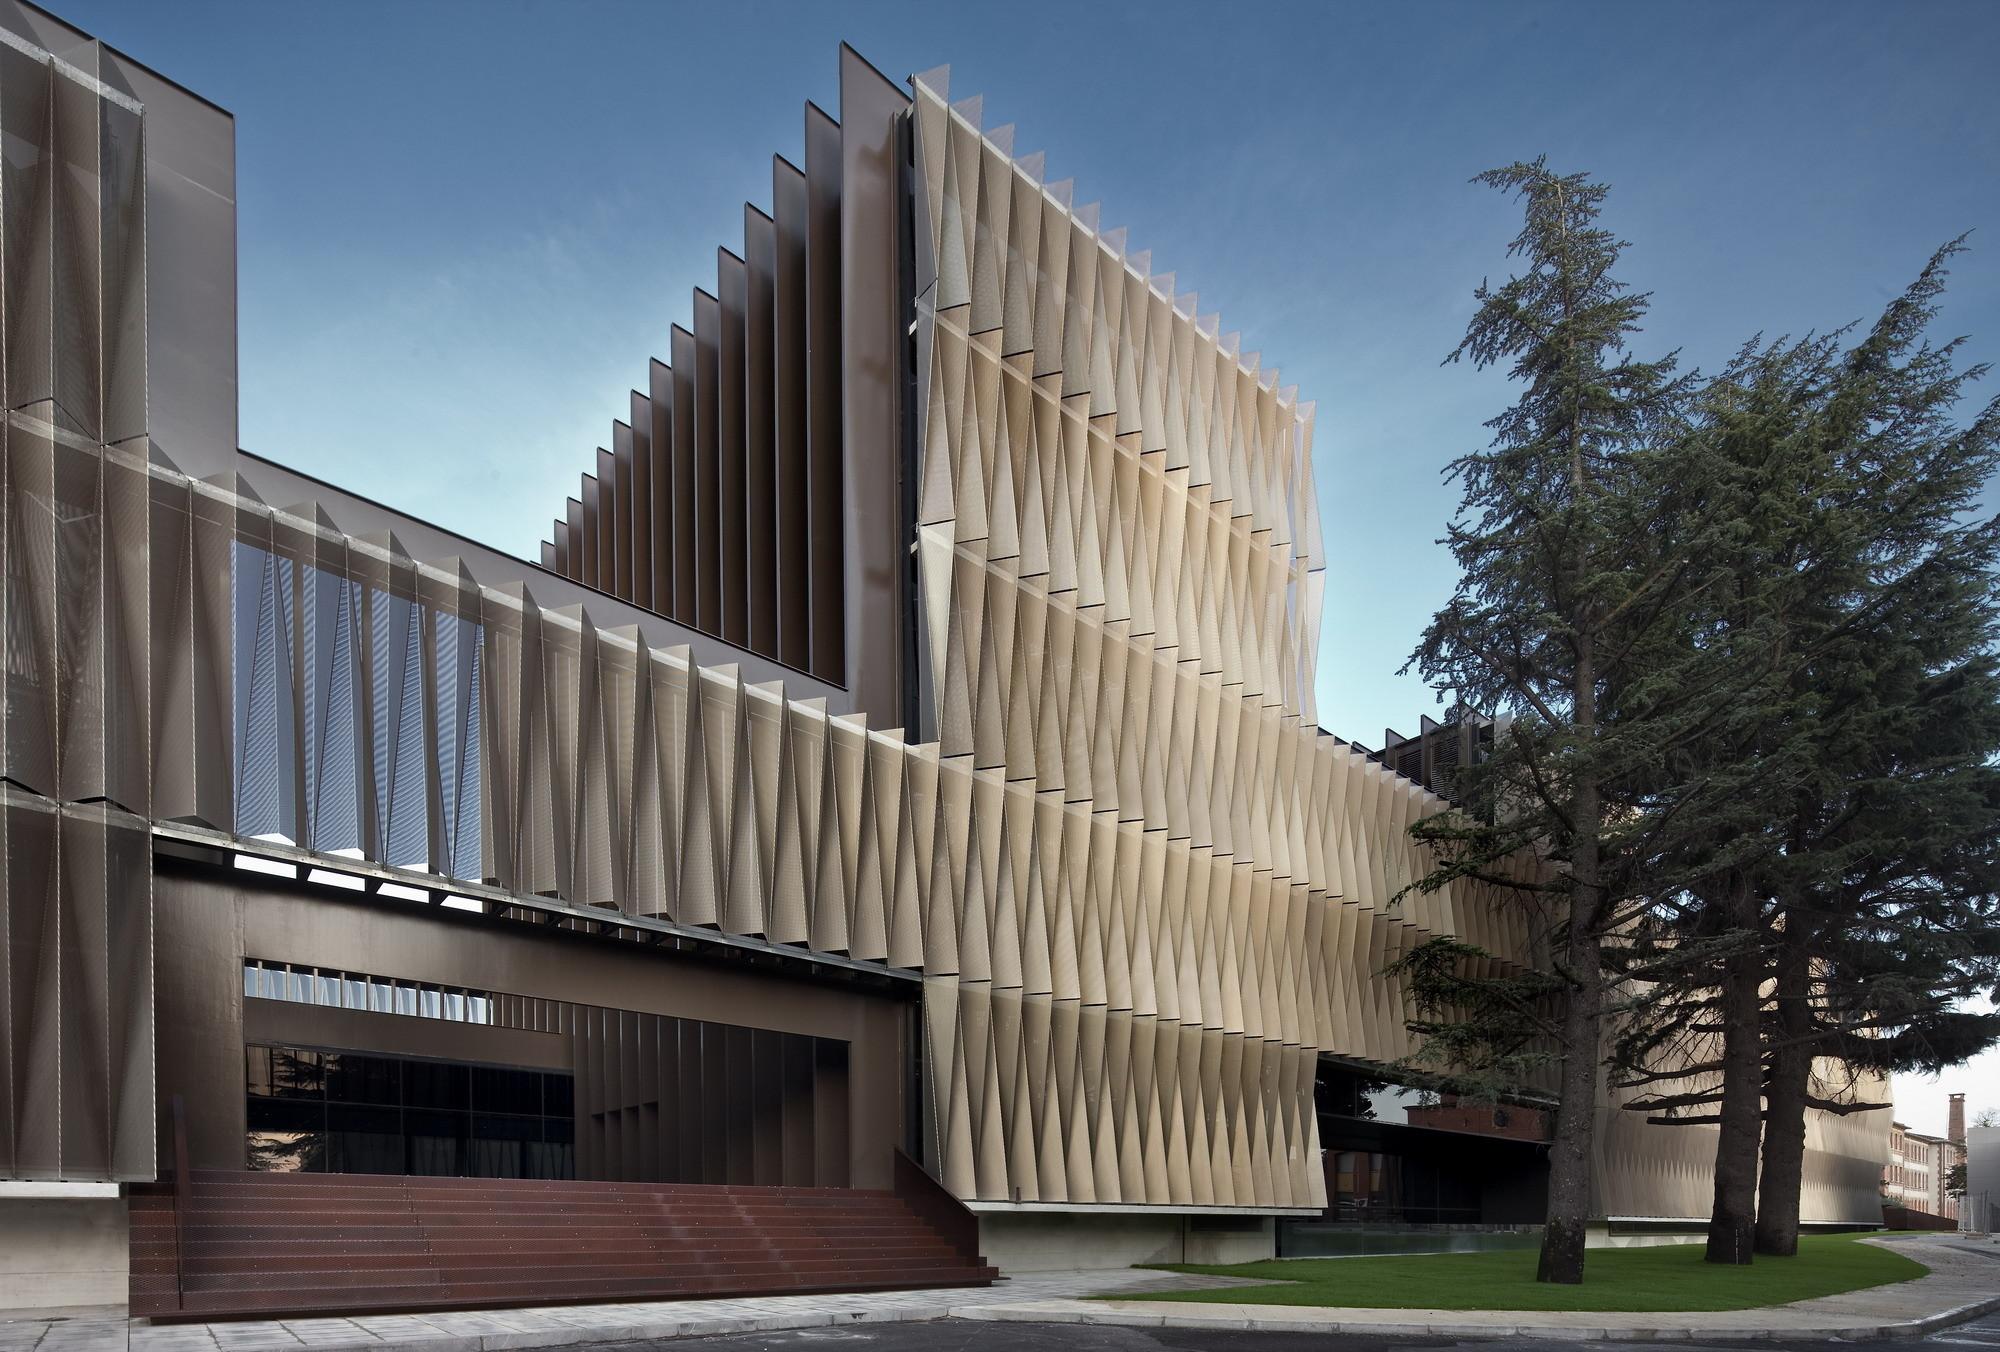 CIB - Centro Investigación Biomédica / Vaíllo & Irigaray + Daniel Galar Irurre, © José Manuel Cutillas